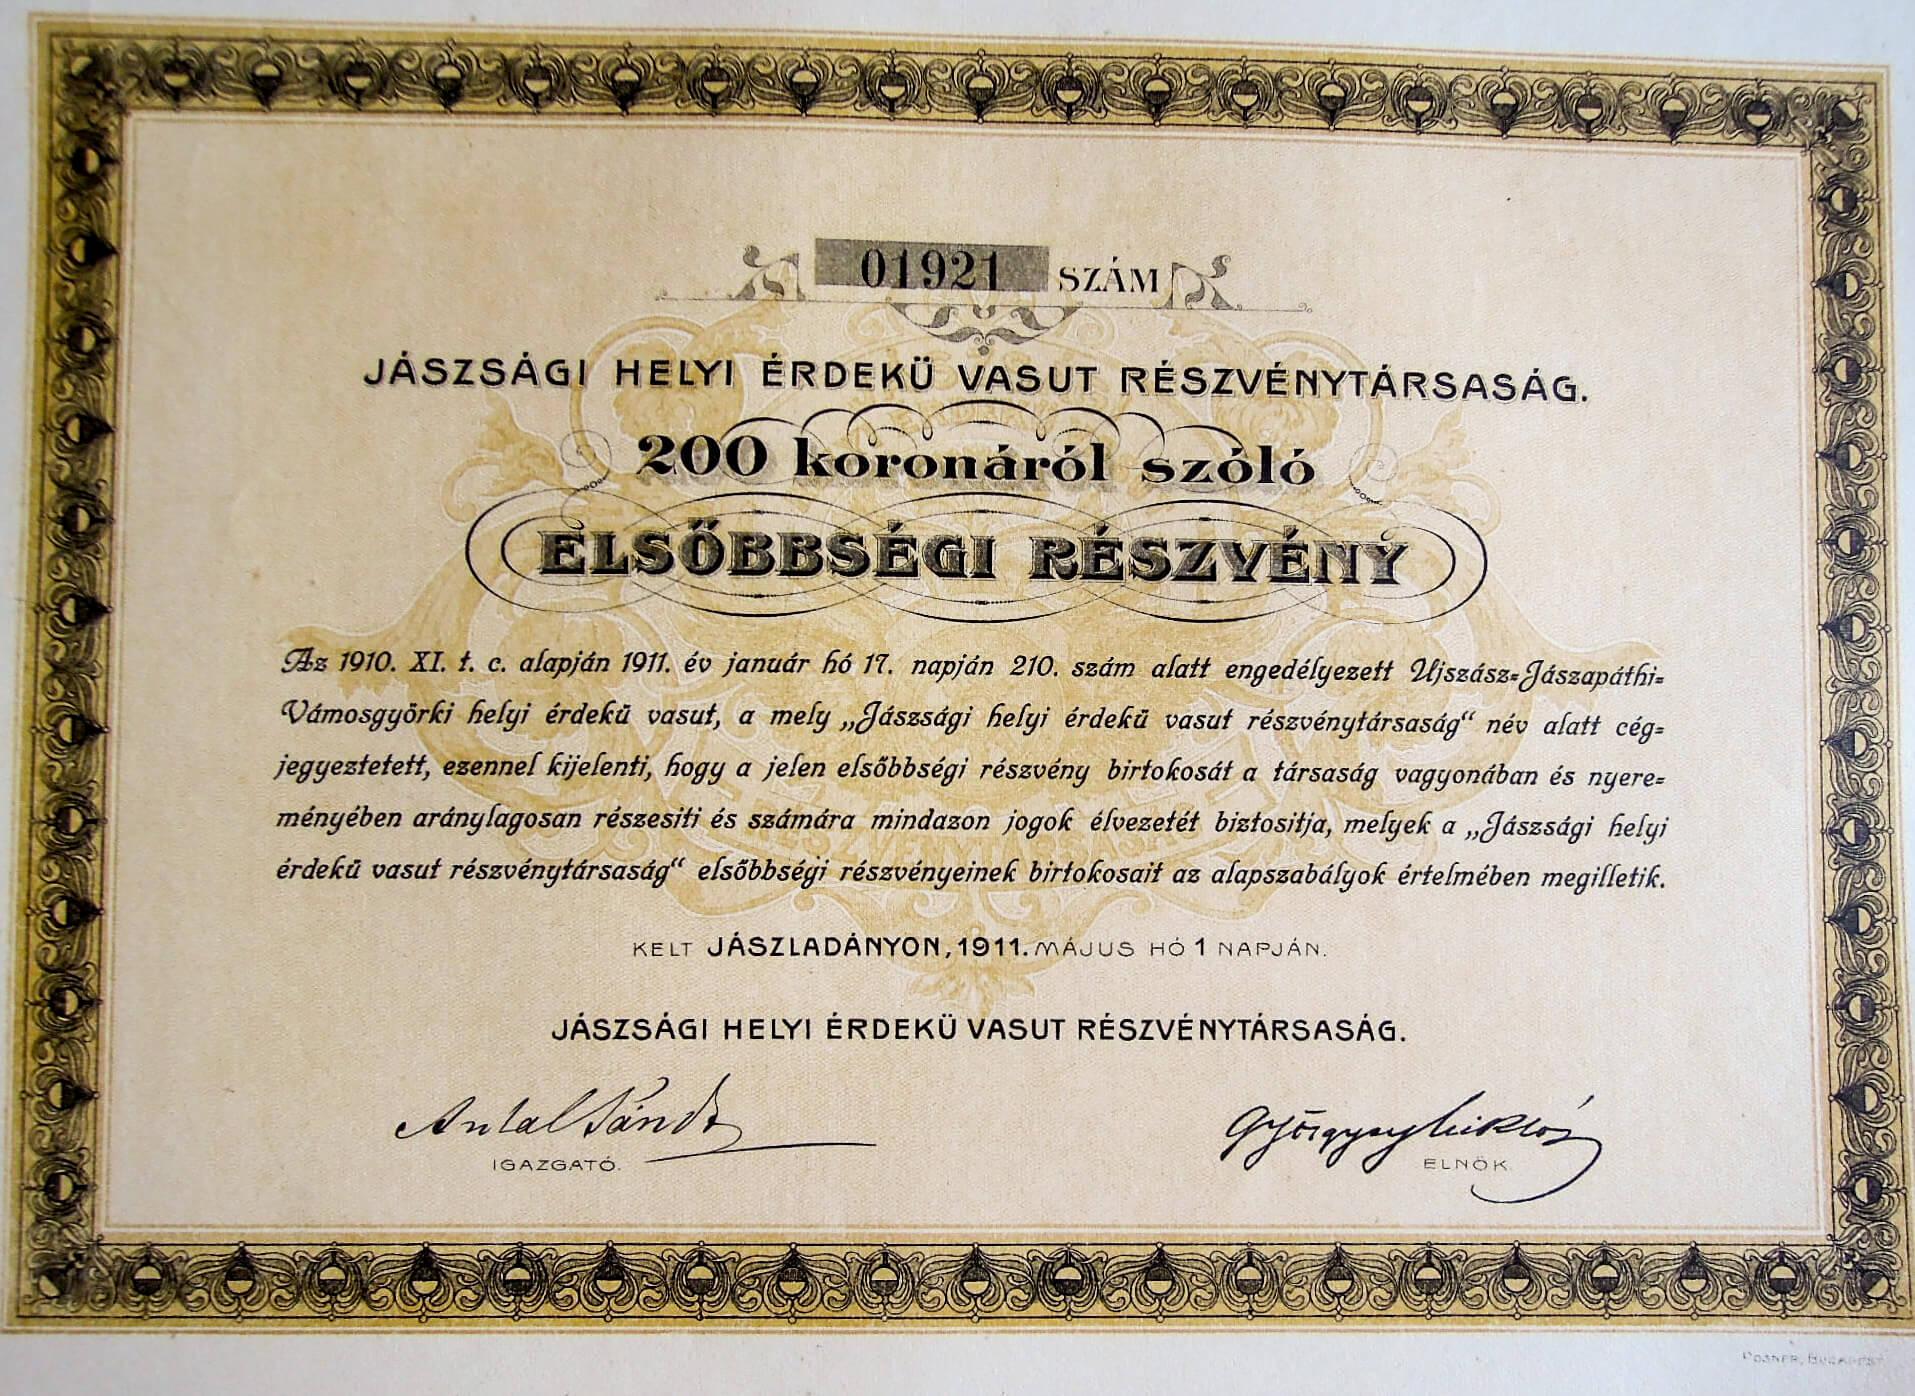 Jászság Helyi Érdekű Vasút Részvény 1911